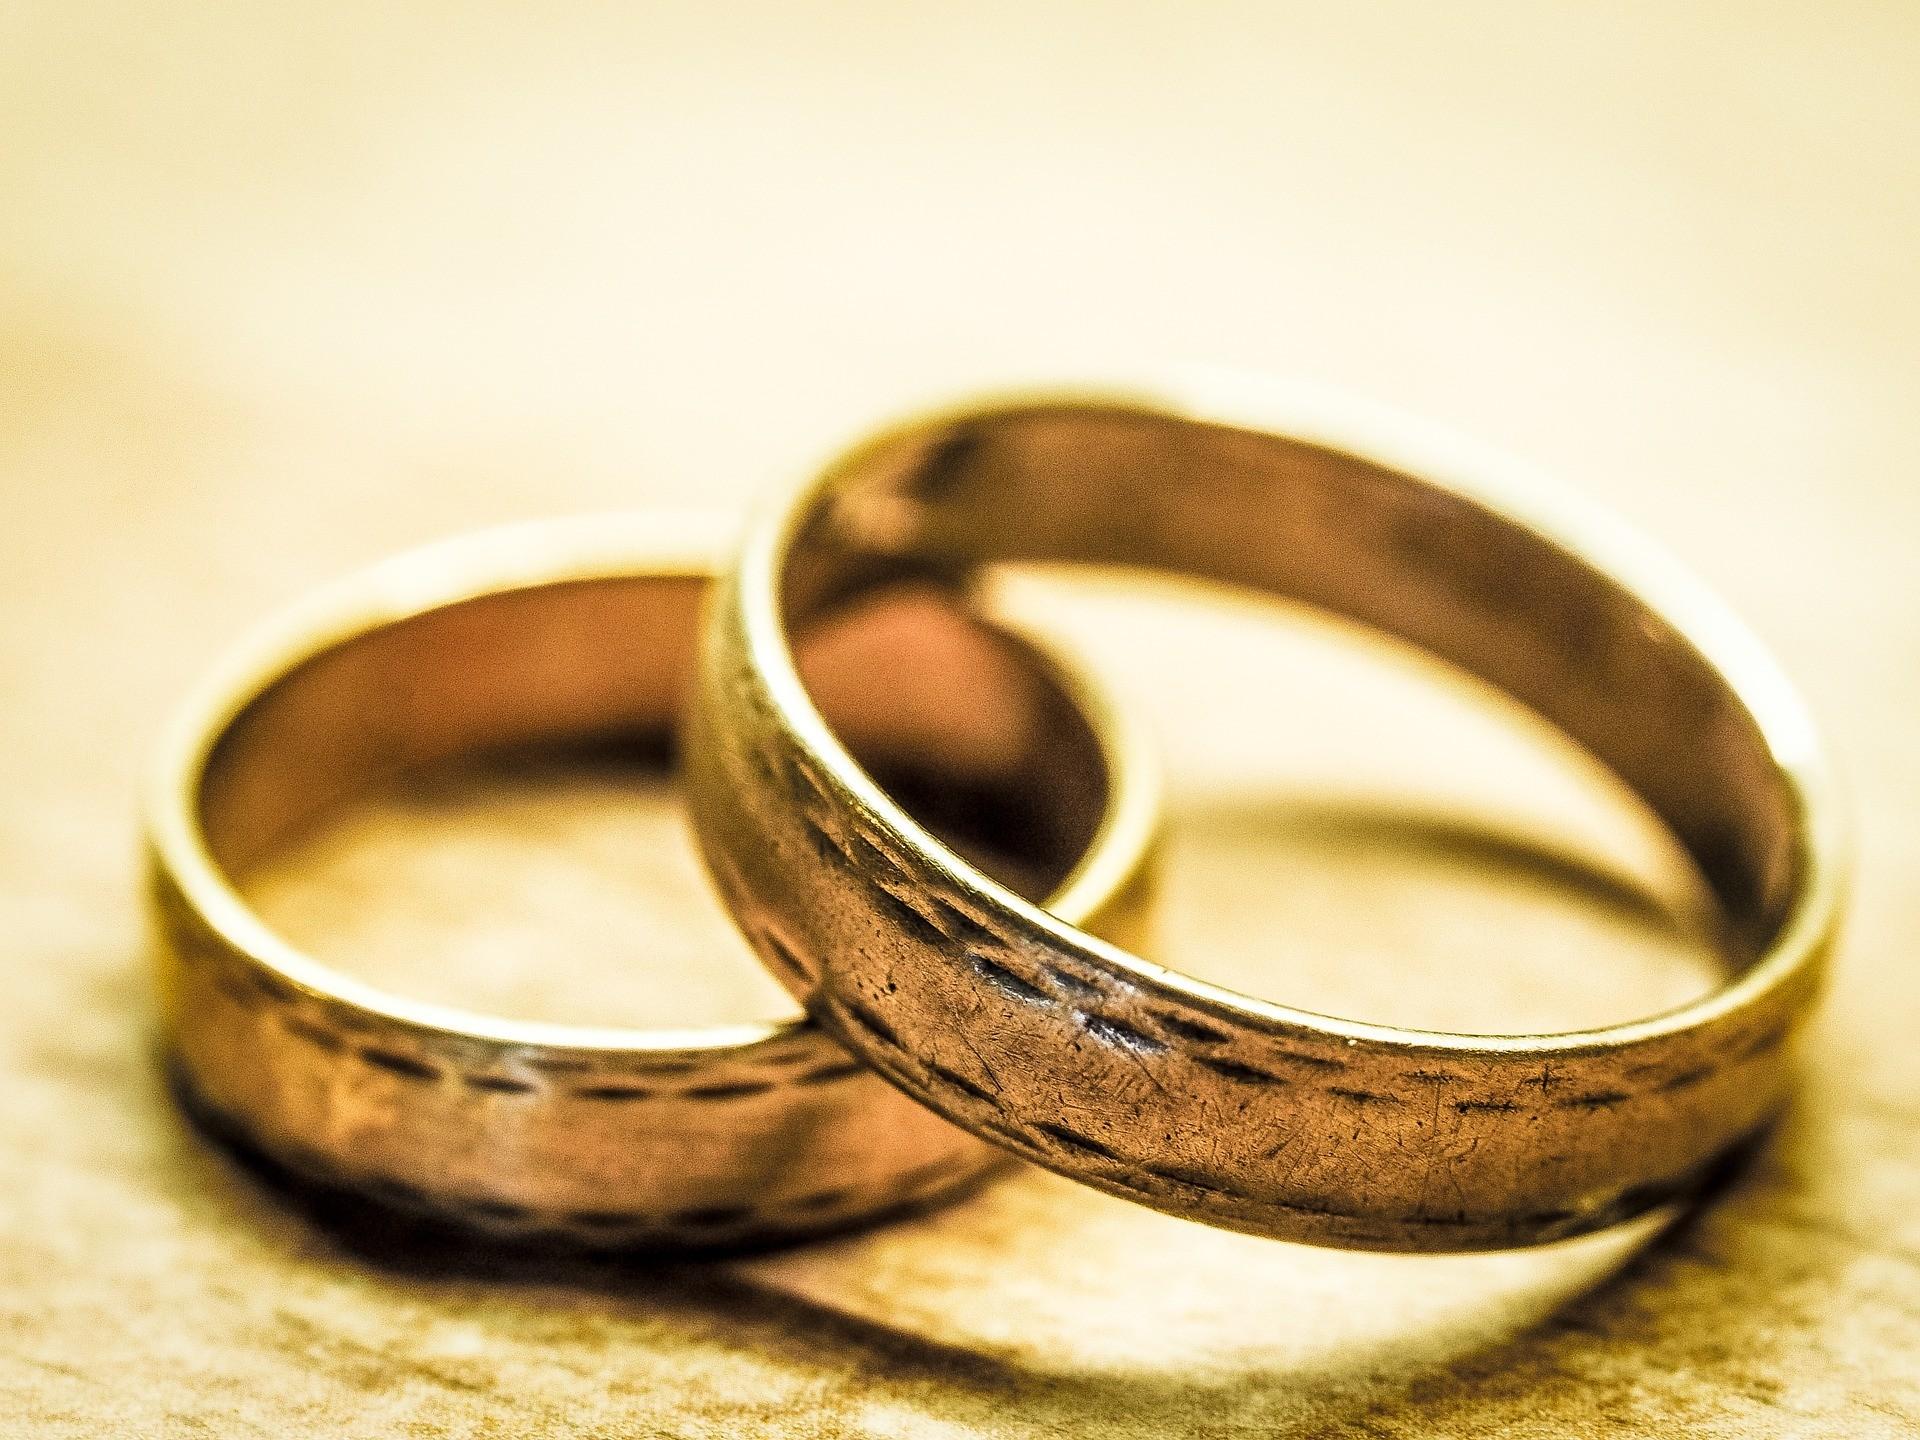 ▲戒指,婚戒,結婚,訂婚。(圖/取自免費圖庫Pakutaso)